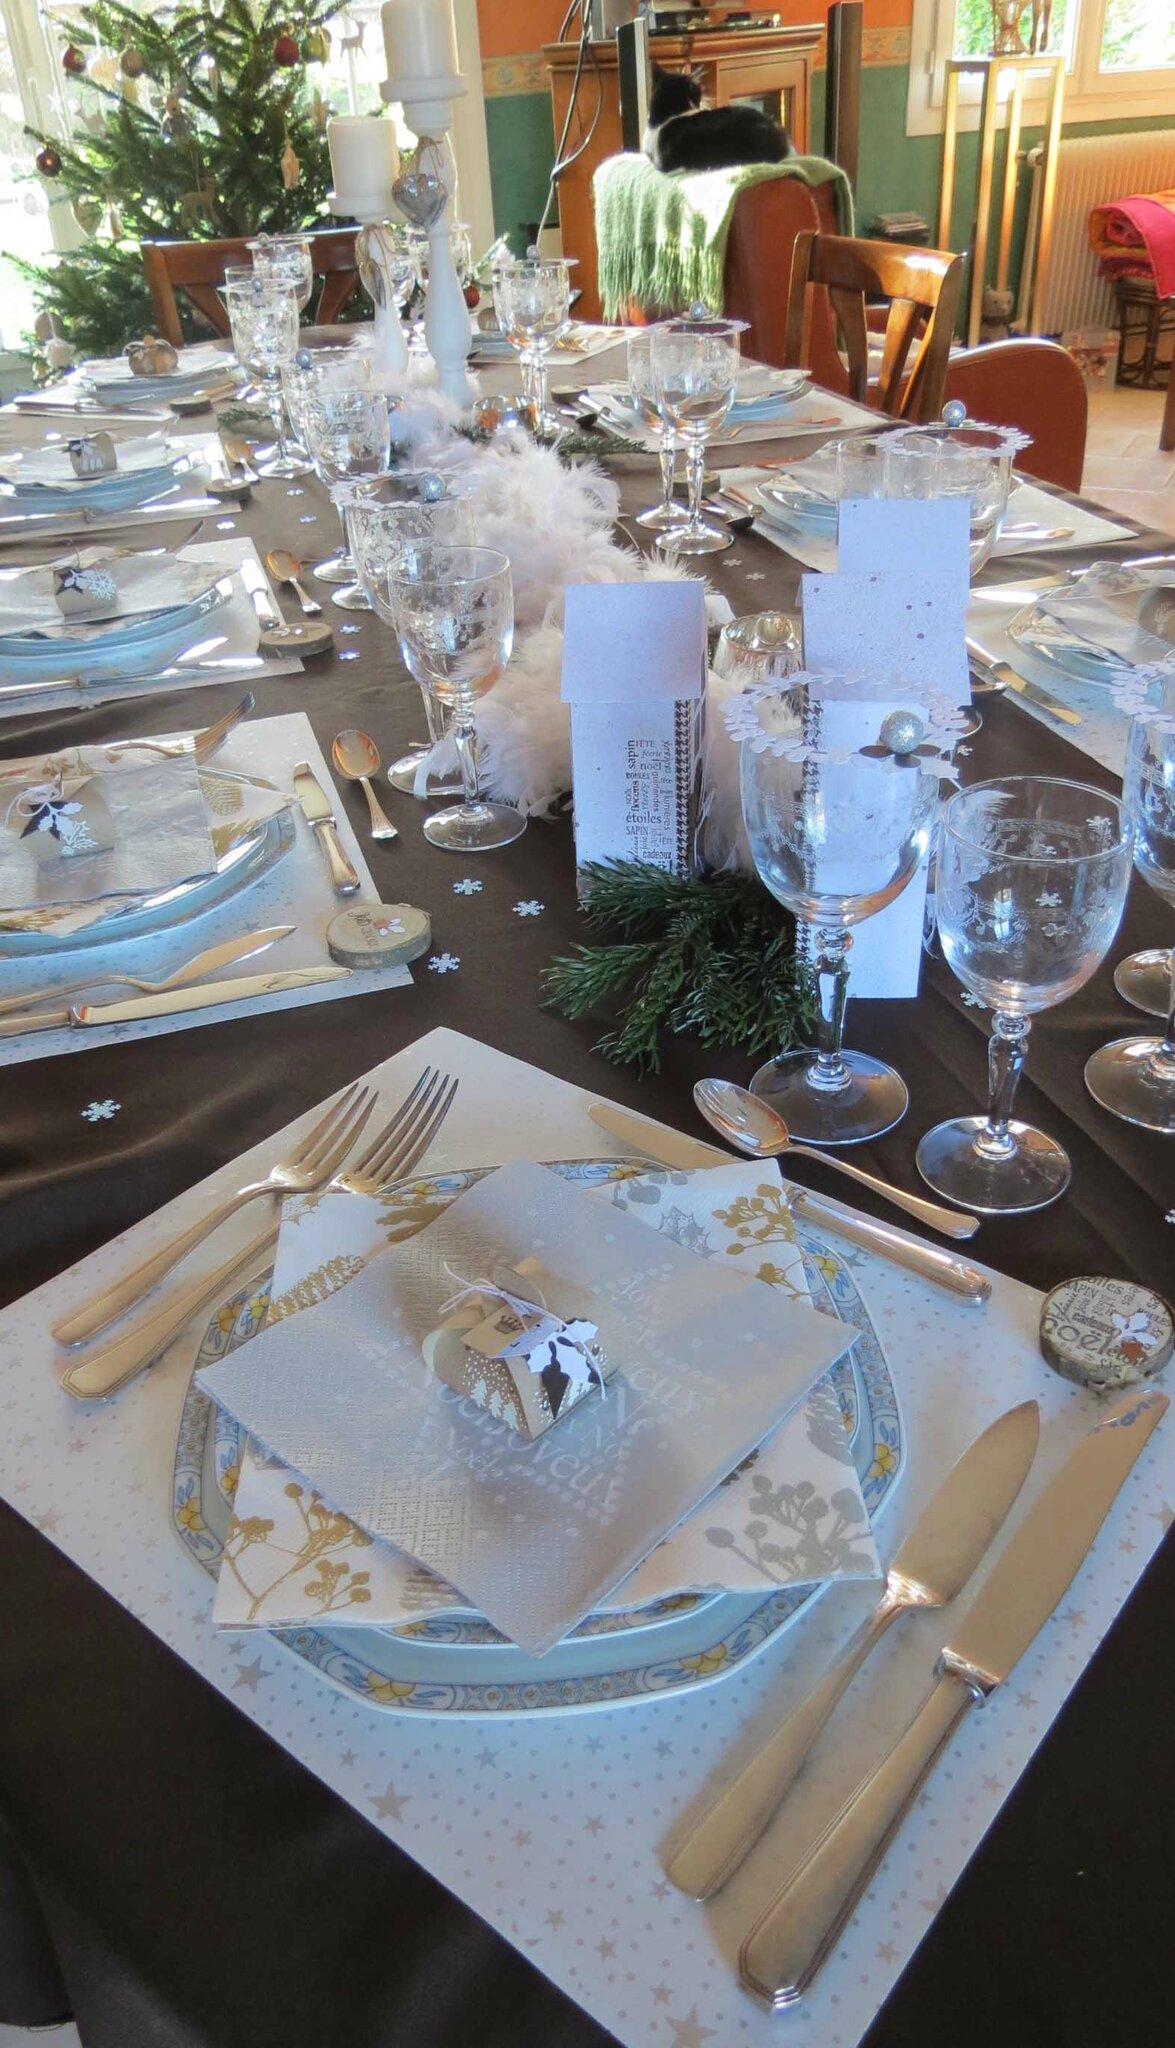 #9B5F30 Ma Table De Noël 2014 CaféChocoScrap 6155 decoration de table de noel 2014 1175x2048 px @ aertt.com